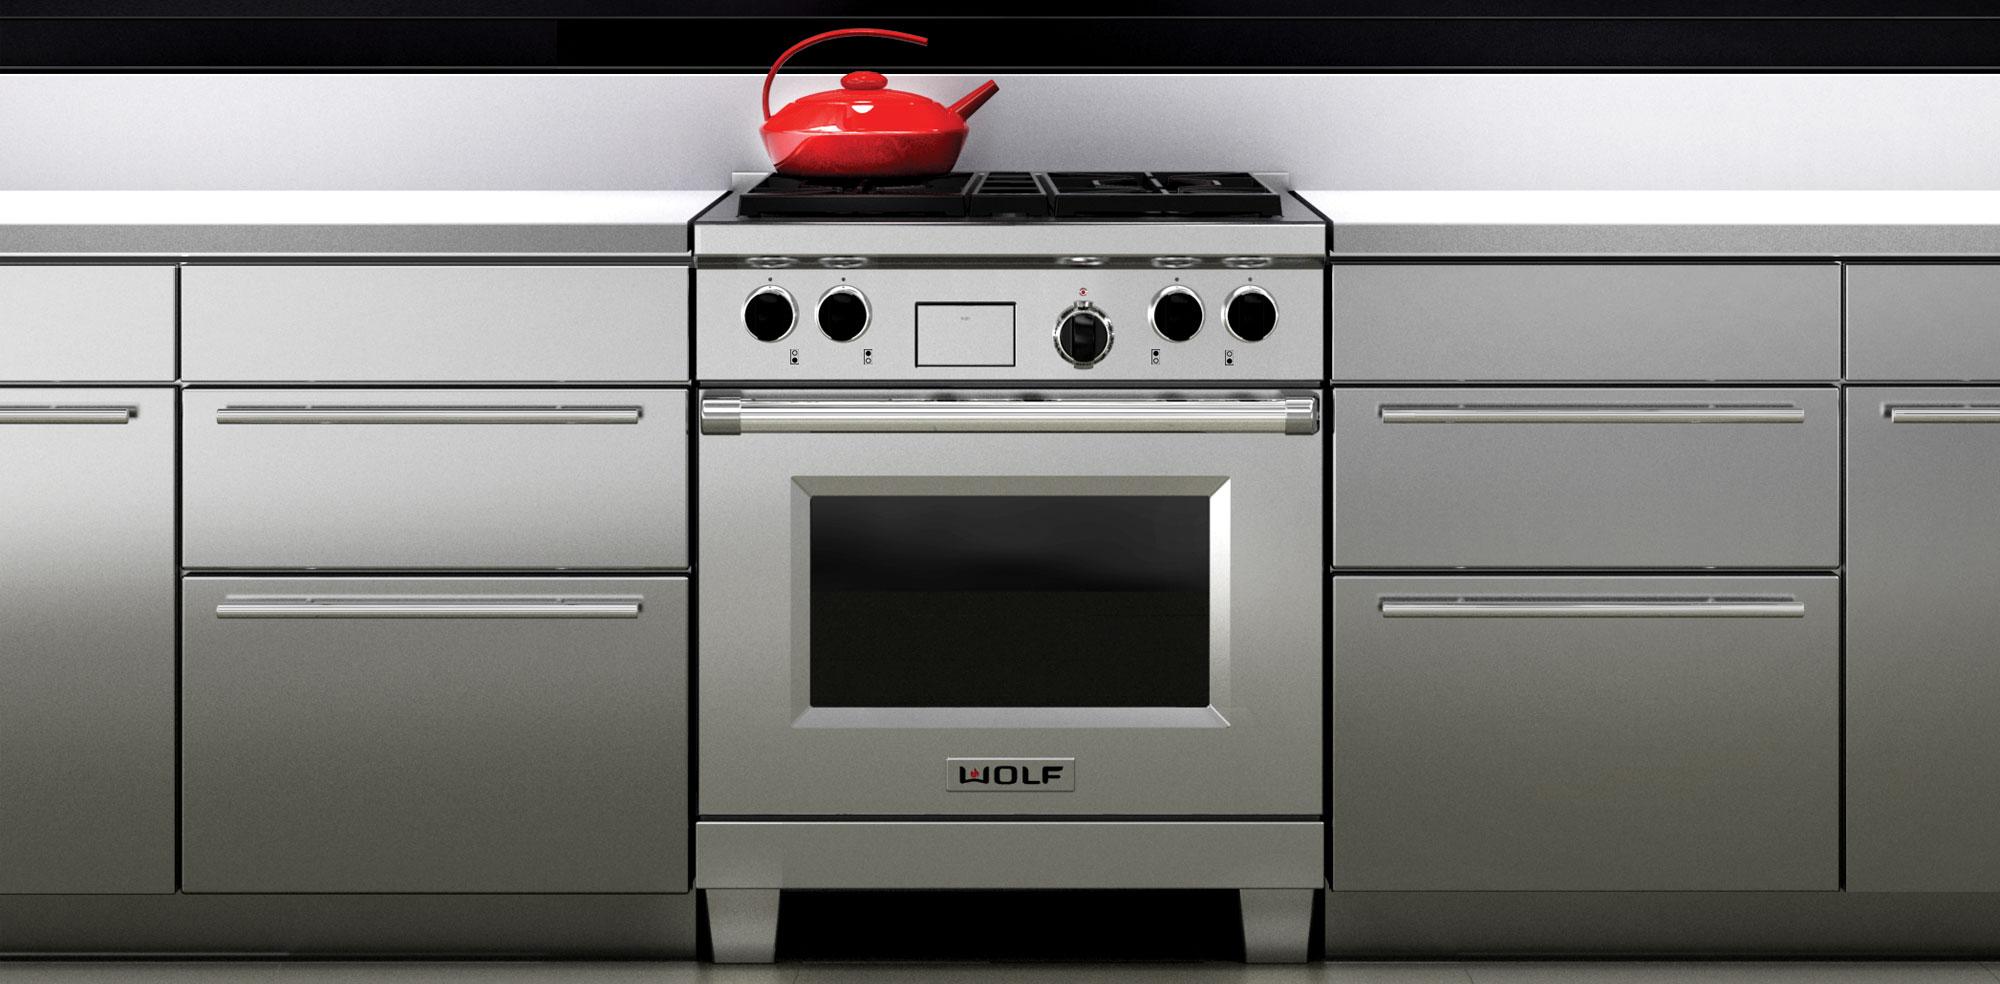 Какая духовка лучше - электрическая или газовая? отзывы и фото